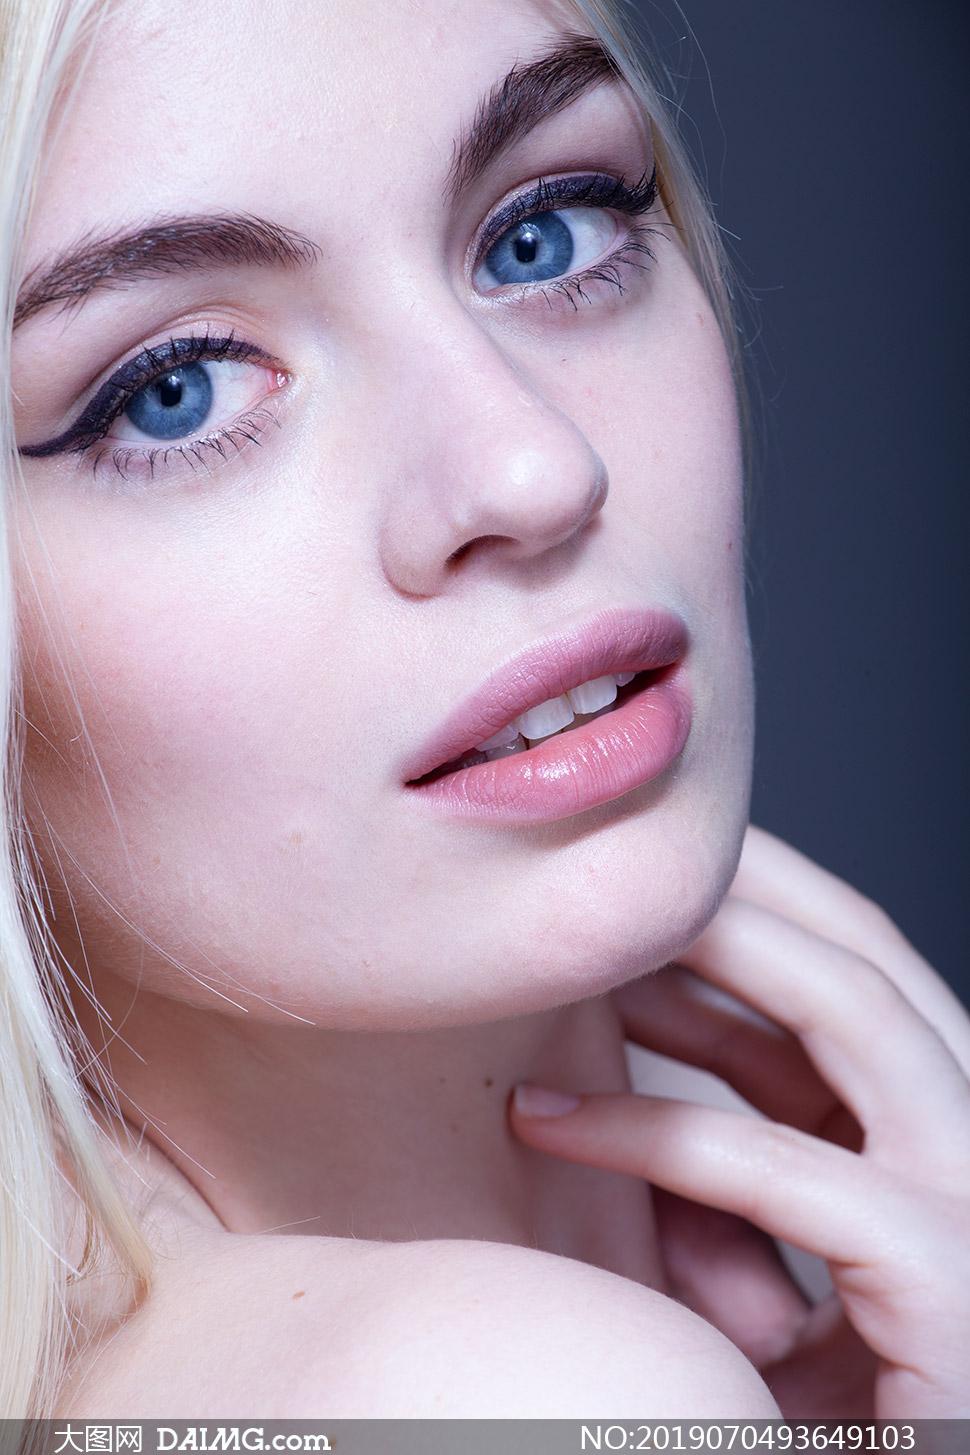 外国美女A片_面带微笑的蓝眼睛美女摄影原片素材_大图网图片素材